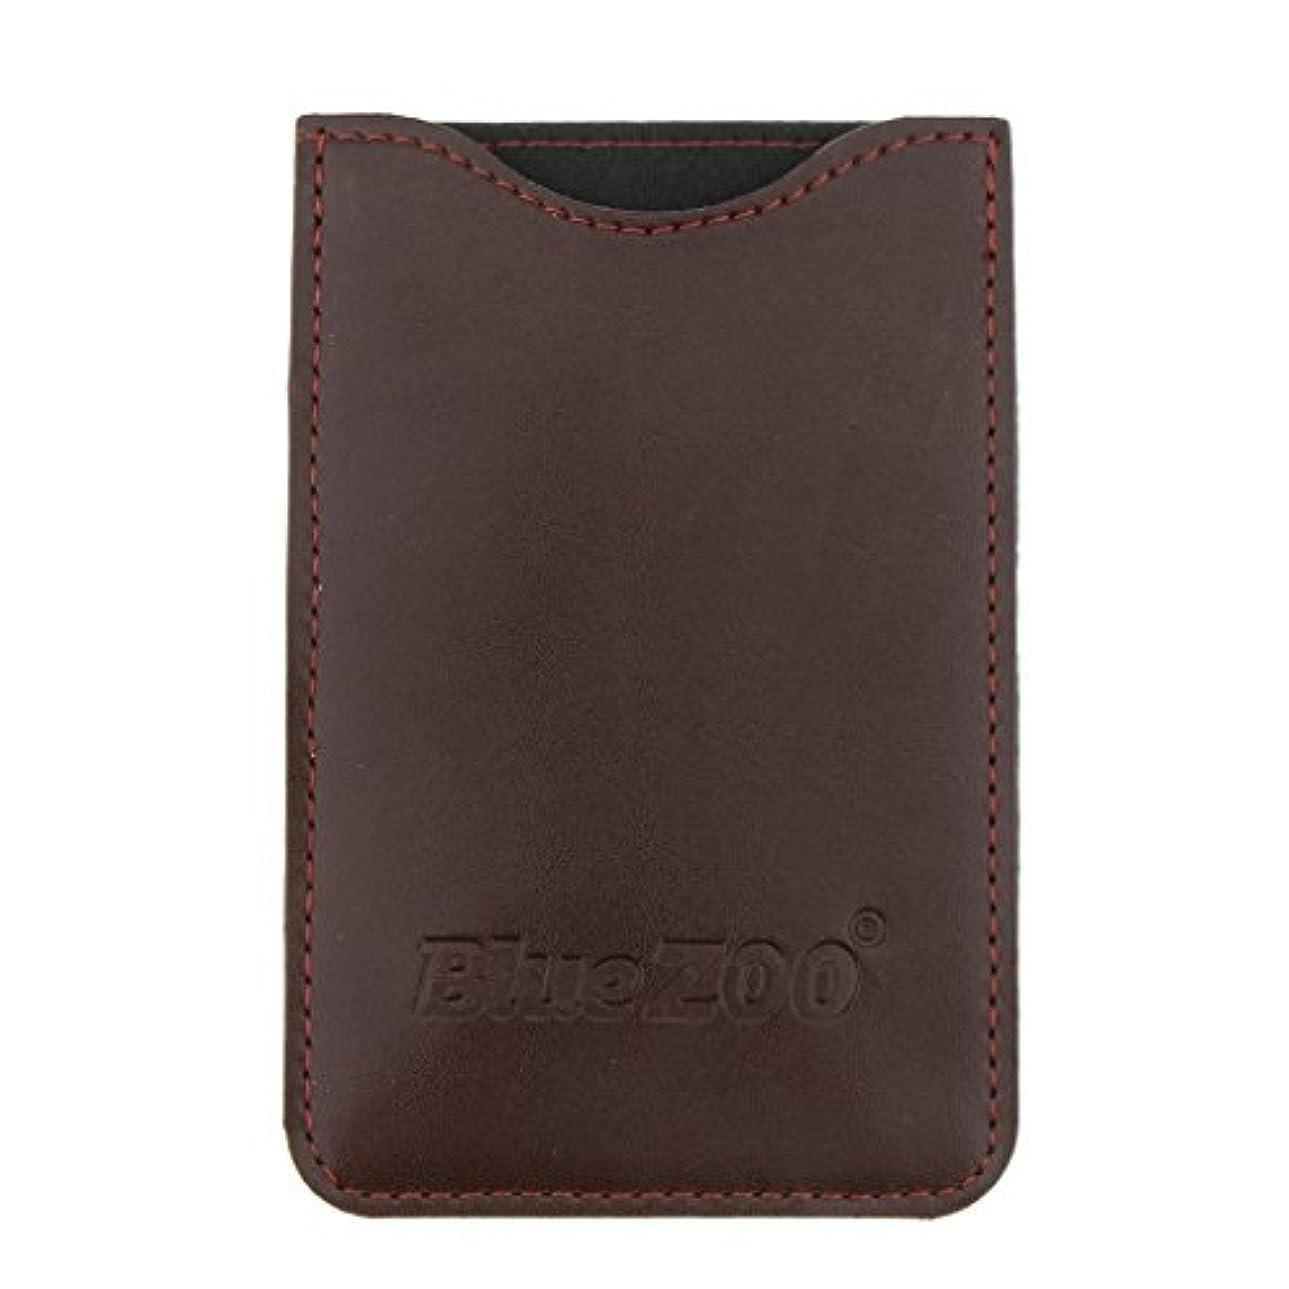 特徴ジャムケントKesoto コームバッグ 収納ケース 収納パック 保護カバー PUレザー 櫛/ヘアブラシ/名刺/IDカード/銀行カード バッグ オーガナイザー 全2色  - 褐色